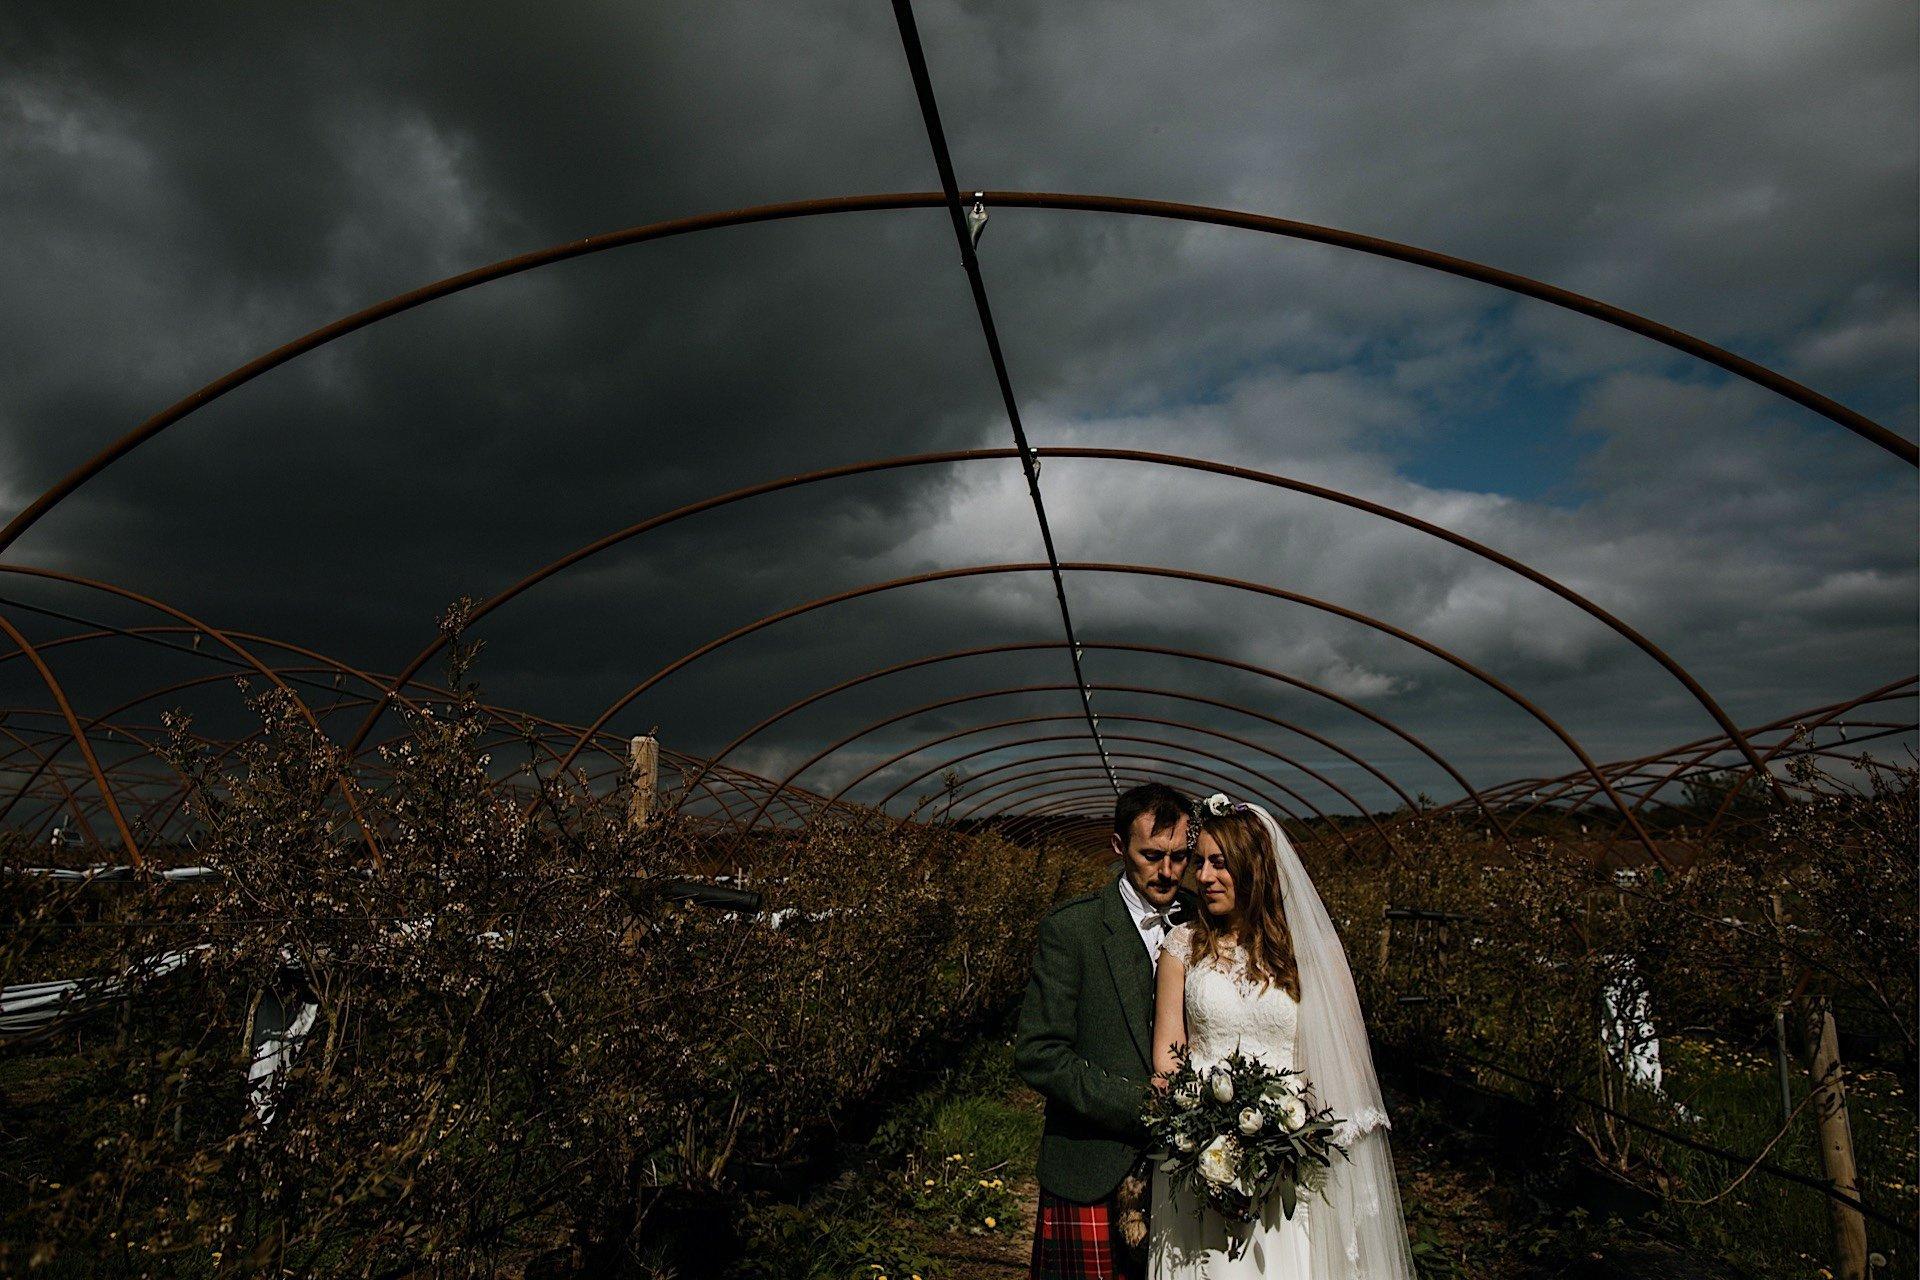 polytunnel bride cuddled groom frame and under